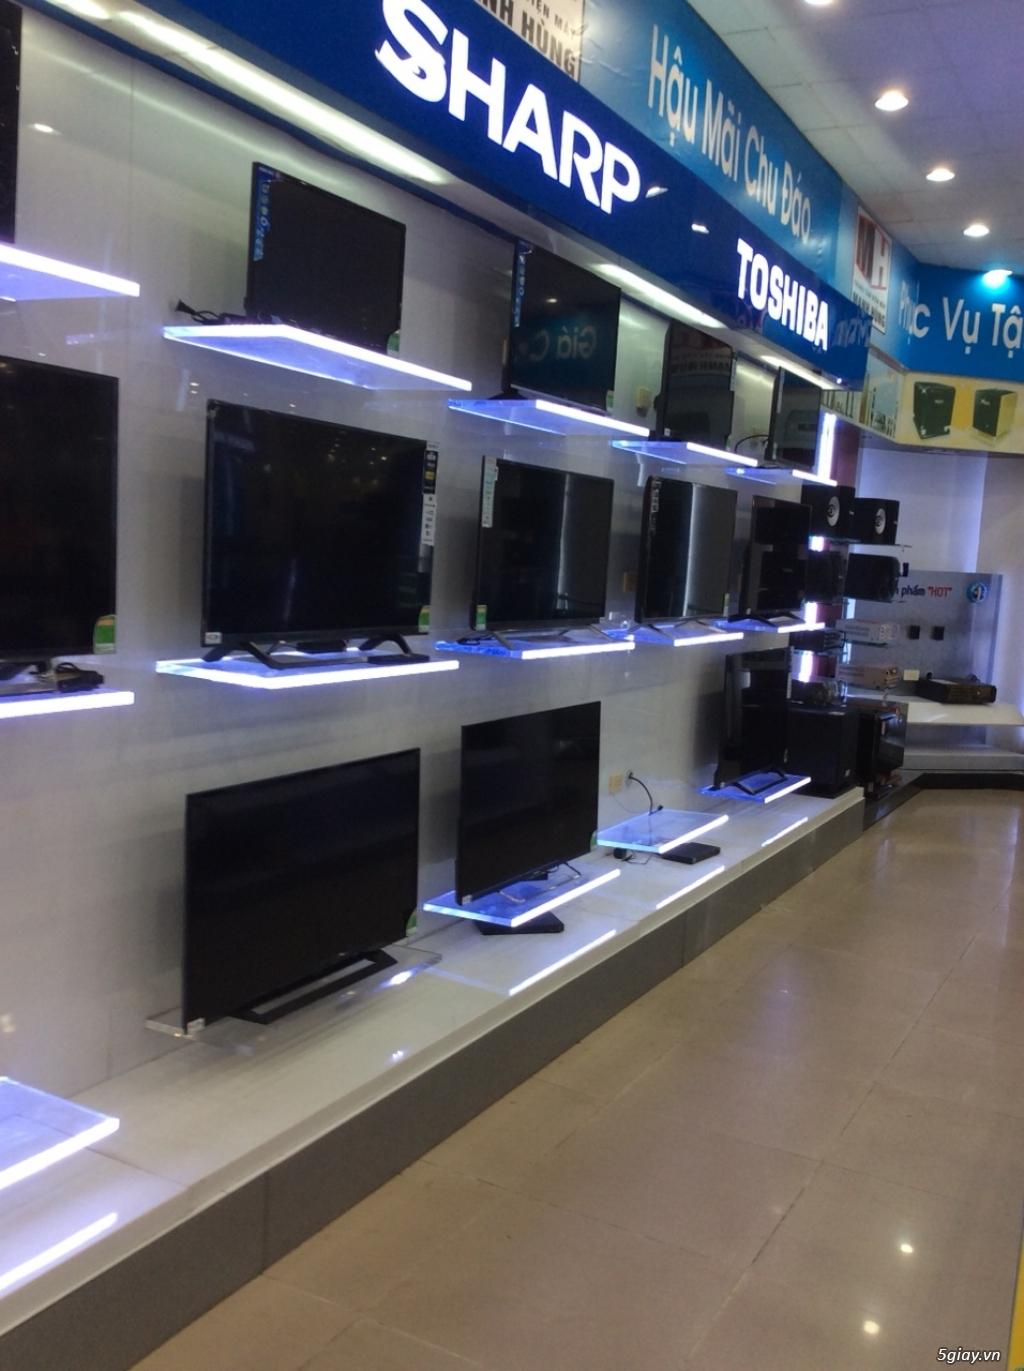 Bán trả góp điện máy tivi - máy lạnh - máy giặt - nội thất giá tốt ....0918018135 - 6